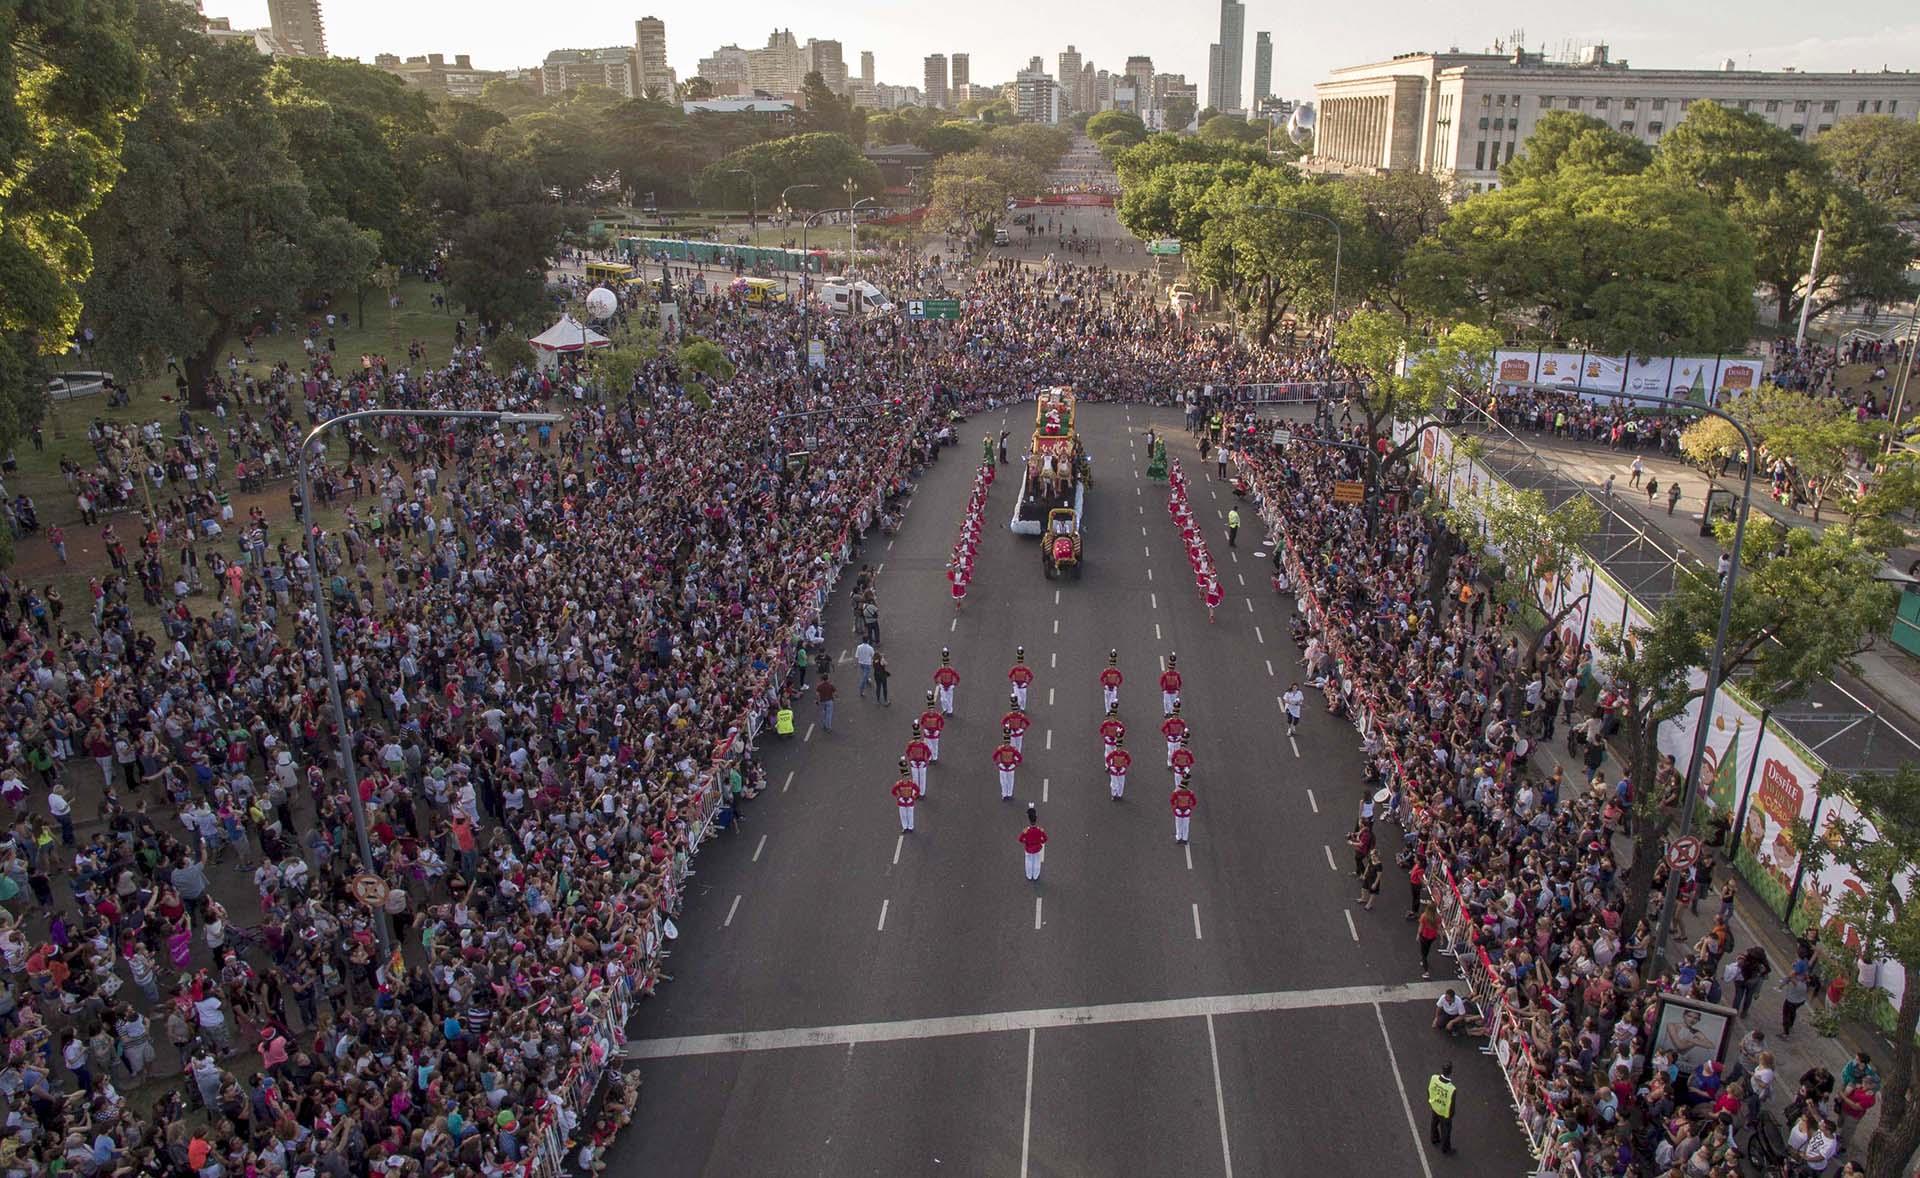 El desfile giró en torno al sendero navideño armado sobre la avenida Figueroa Alcorta, desde Pueyrredón hasta Callao